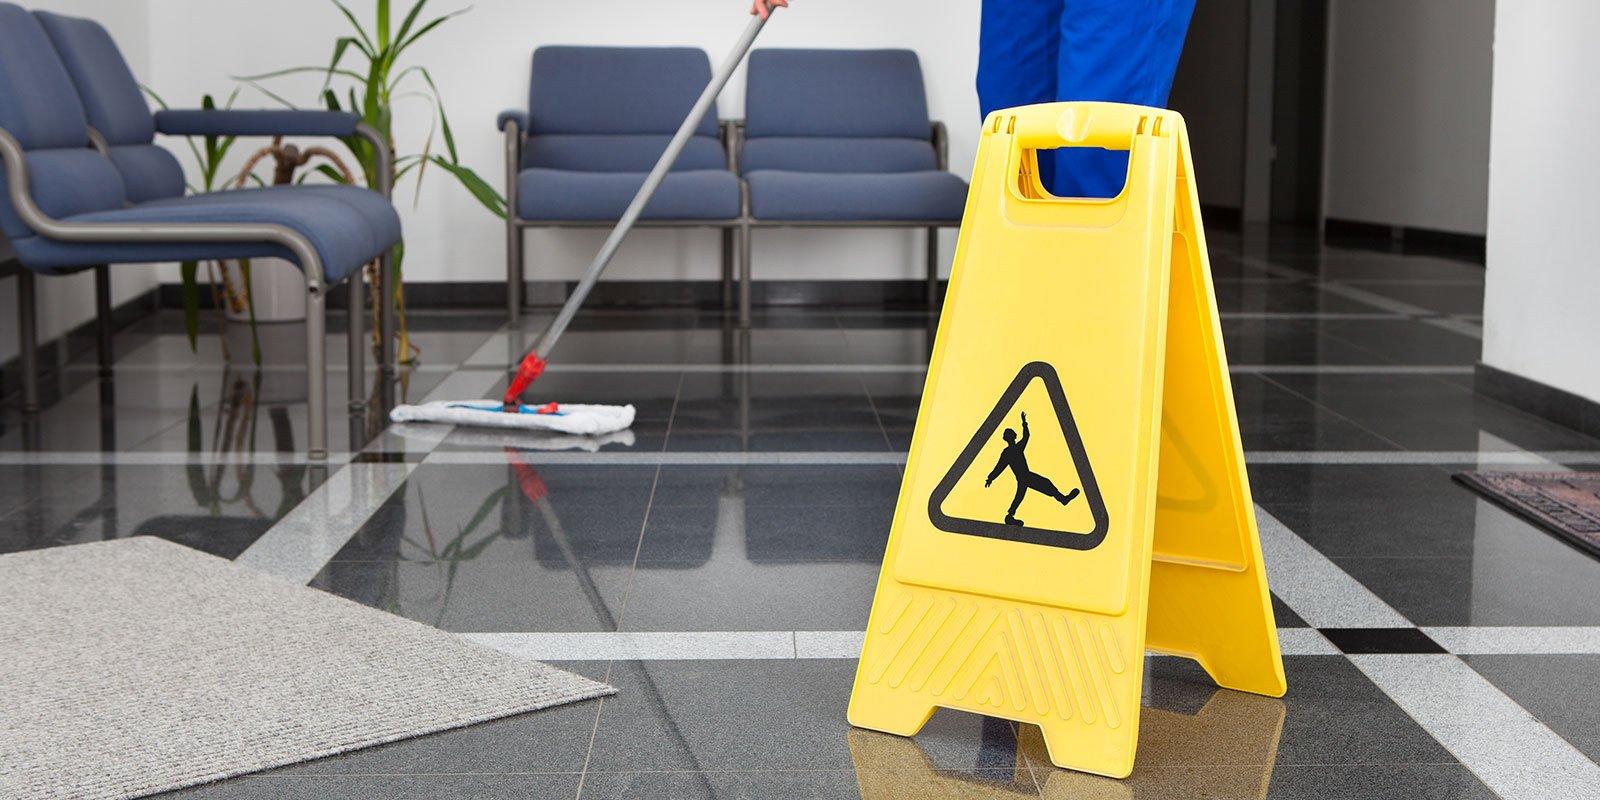 L'uomo la pulizia del pavimento Con Giallo segno bagnato del pavimento